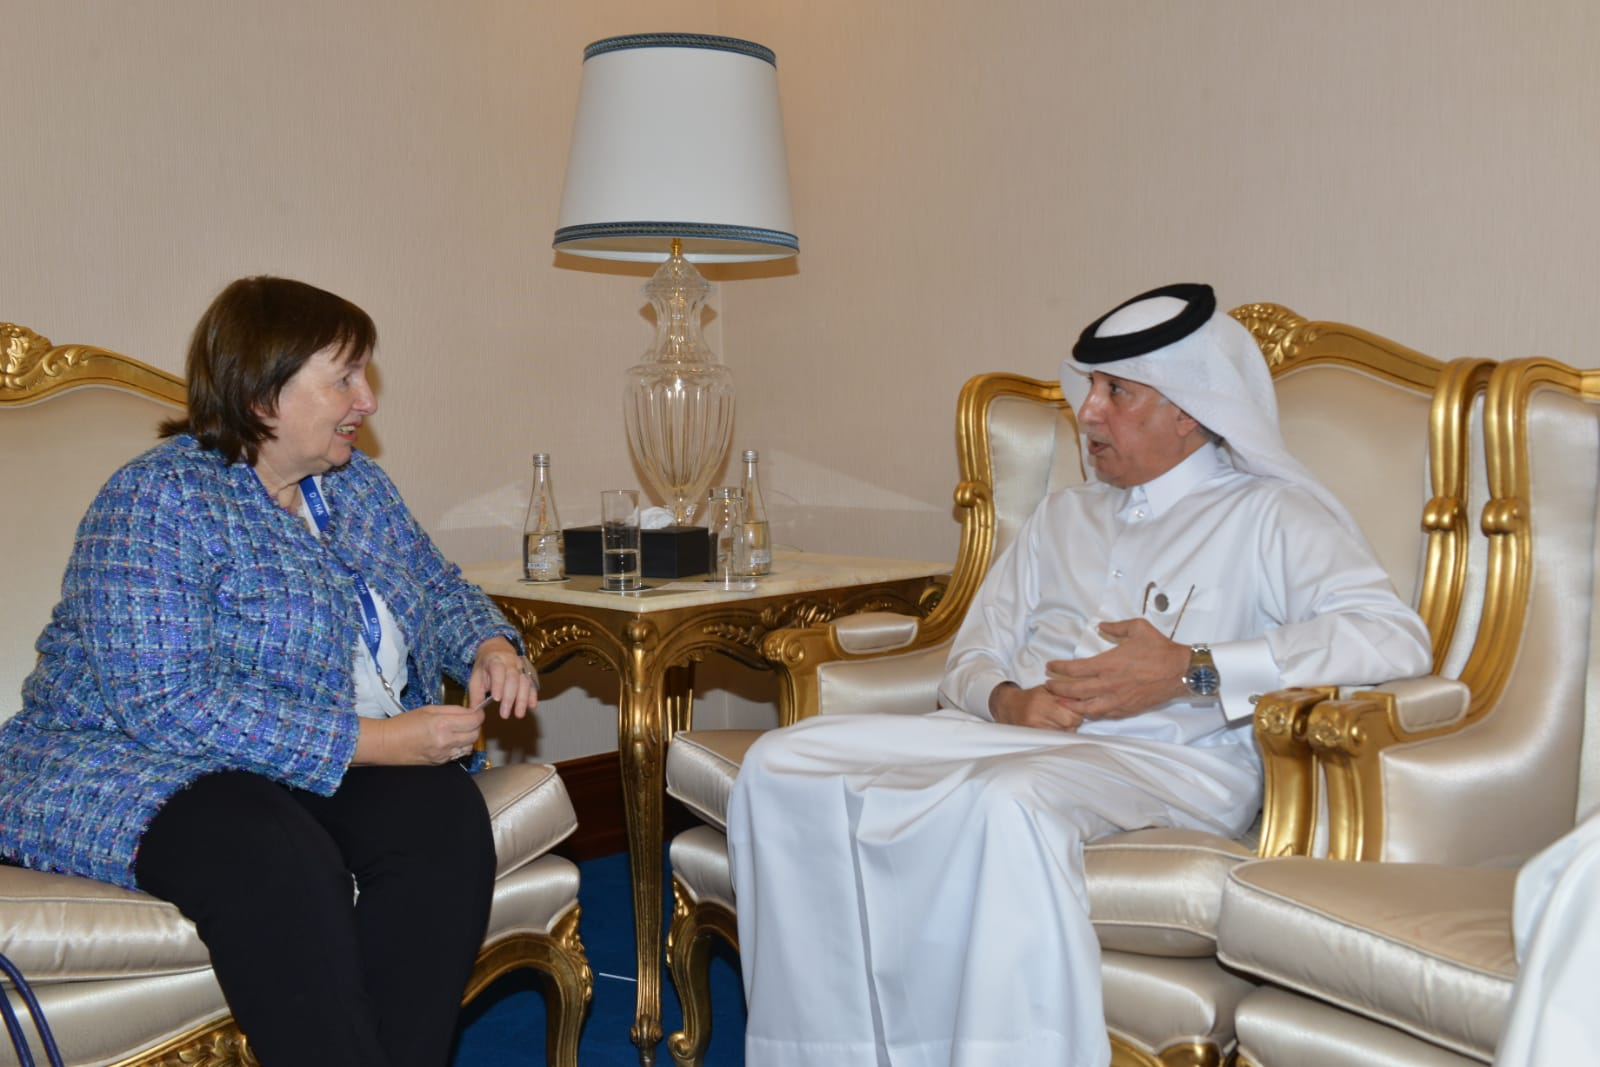 وزير الدولة للشؤون الخارجية يجتمع مع مسؤولتين أوروبية وأممية